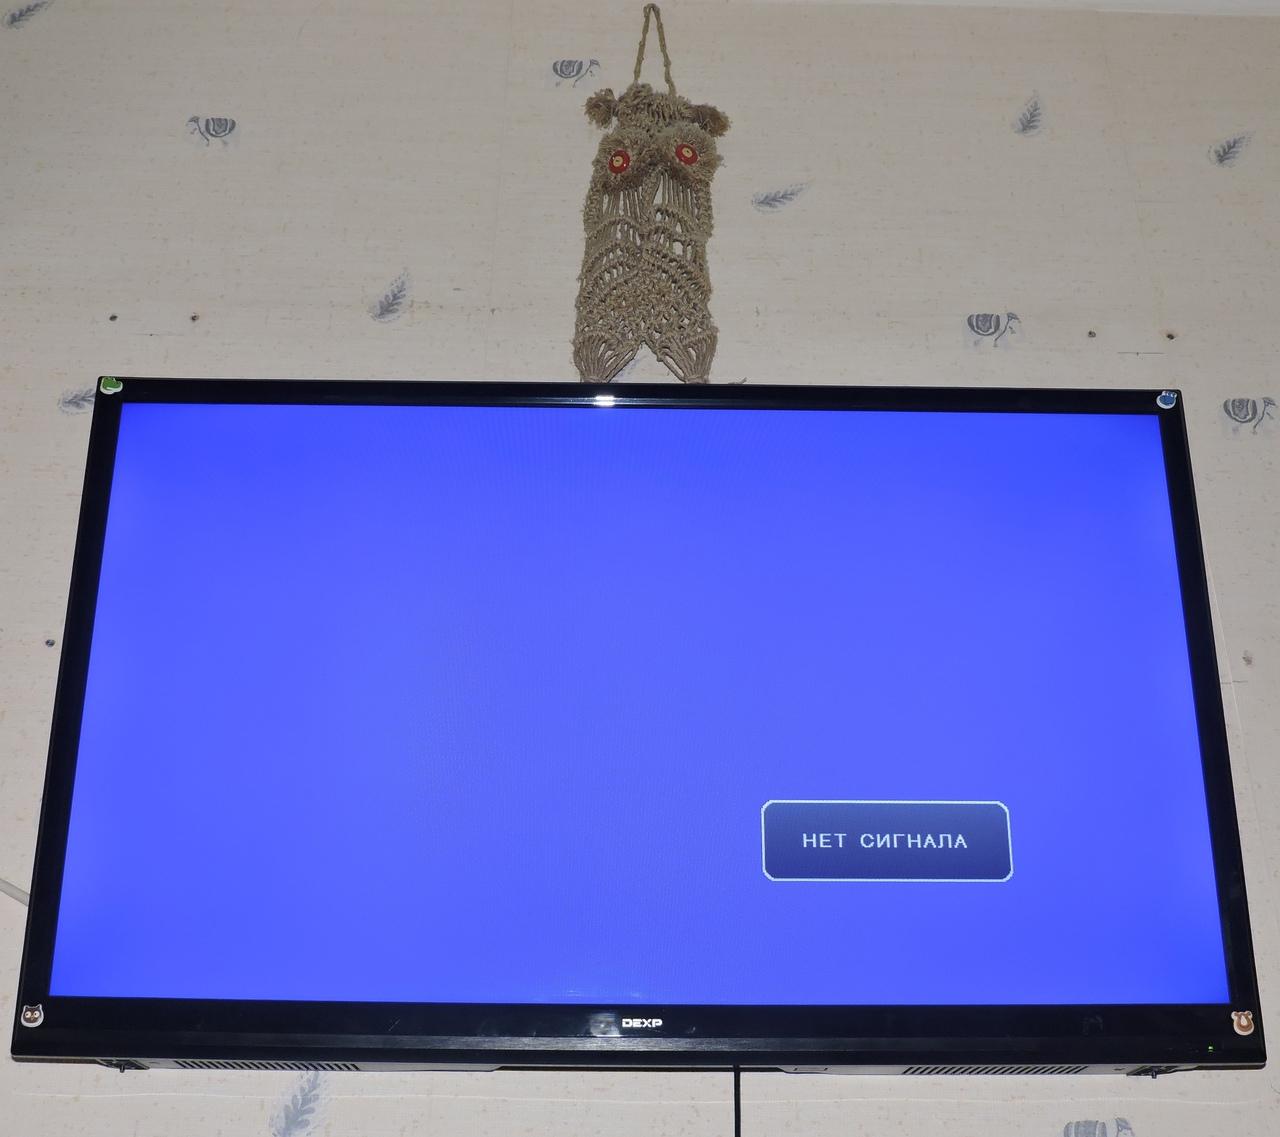 В администрации региона предупредили о возможном сбое ТВ-вещания